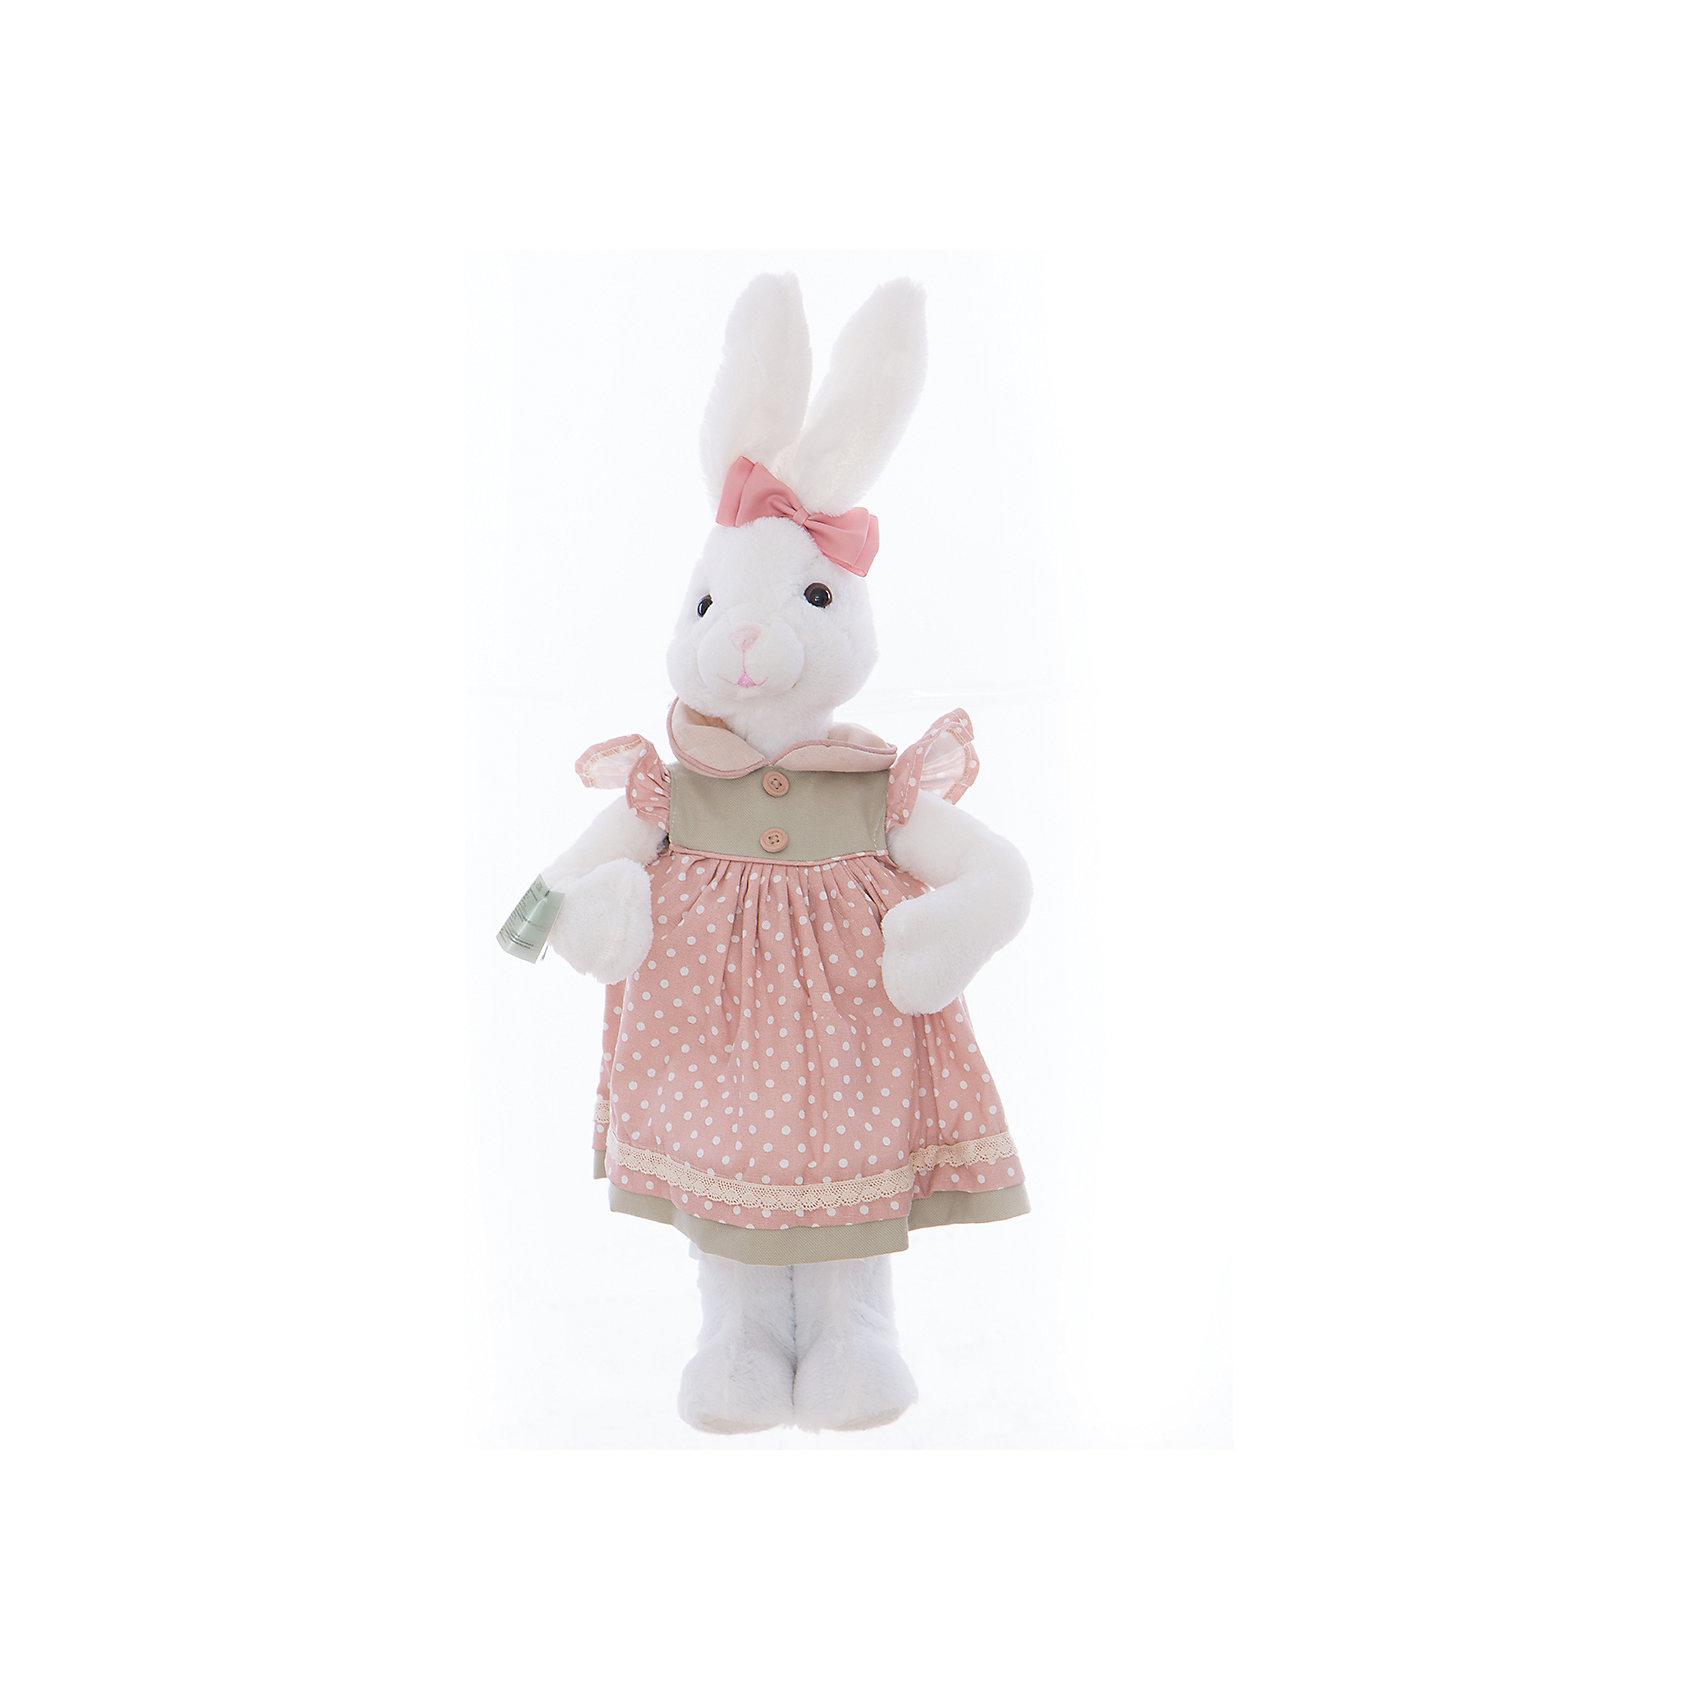 Интерьерная кукла Зайчик C21-228216, EstroПредметы интерьера<br>Характеристики интерьерной куклы:<br><br>- размеры: 25*12*8 см. <br>- тип игрушки: животные, мягкая игрушка<br>- персонаж: заяц<br>- вид упаковки: коробка<br>- возрастные ограничения: 3+<br>- комплектация: игрушка <br>- состав: дерево, полиэстер, текстиль, полиэфир <br>- материал изготовления: высококачественный пластик, полиэстер, ткань<br>- стиль: классический, прованс<br>- бренд: Estro <br>- страна бренда: Италия<br>- страна производитель: Китай<br><br>Кукла белый зайчик торговой марки Estro будет хорошим приобретением или подарком любимому человеку. Изделие состоит из материалов высшего качества красивой палитры, выполнено в пастельных тонах. Нежнейшие розовые, фисташковые, сиреневые, светло-серые, бежевые тона сочетаются с белым фоном. Благодаря светлой палитре прекрасно впишется практически в любой интерьер. И привнесет в дом душевность, оригинальность и стиль. <br><br>Интерьерную куклу заяц итальянской торговой марки Estro можно купить в нашем интернет-магазине.<br><br>Ширина мм: 150<br>Глубина мм: 200<br>Высота мм: 550<br>Вес г: 670<br>Возраст от месяцев: 36<br>Возраст до месяцев: 1188<br>Пол: Унисекс<br>Возраст: Детский<br>SKU: 5356627